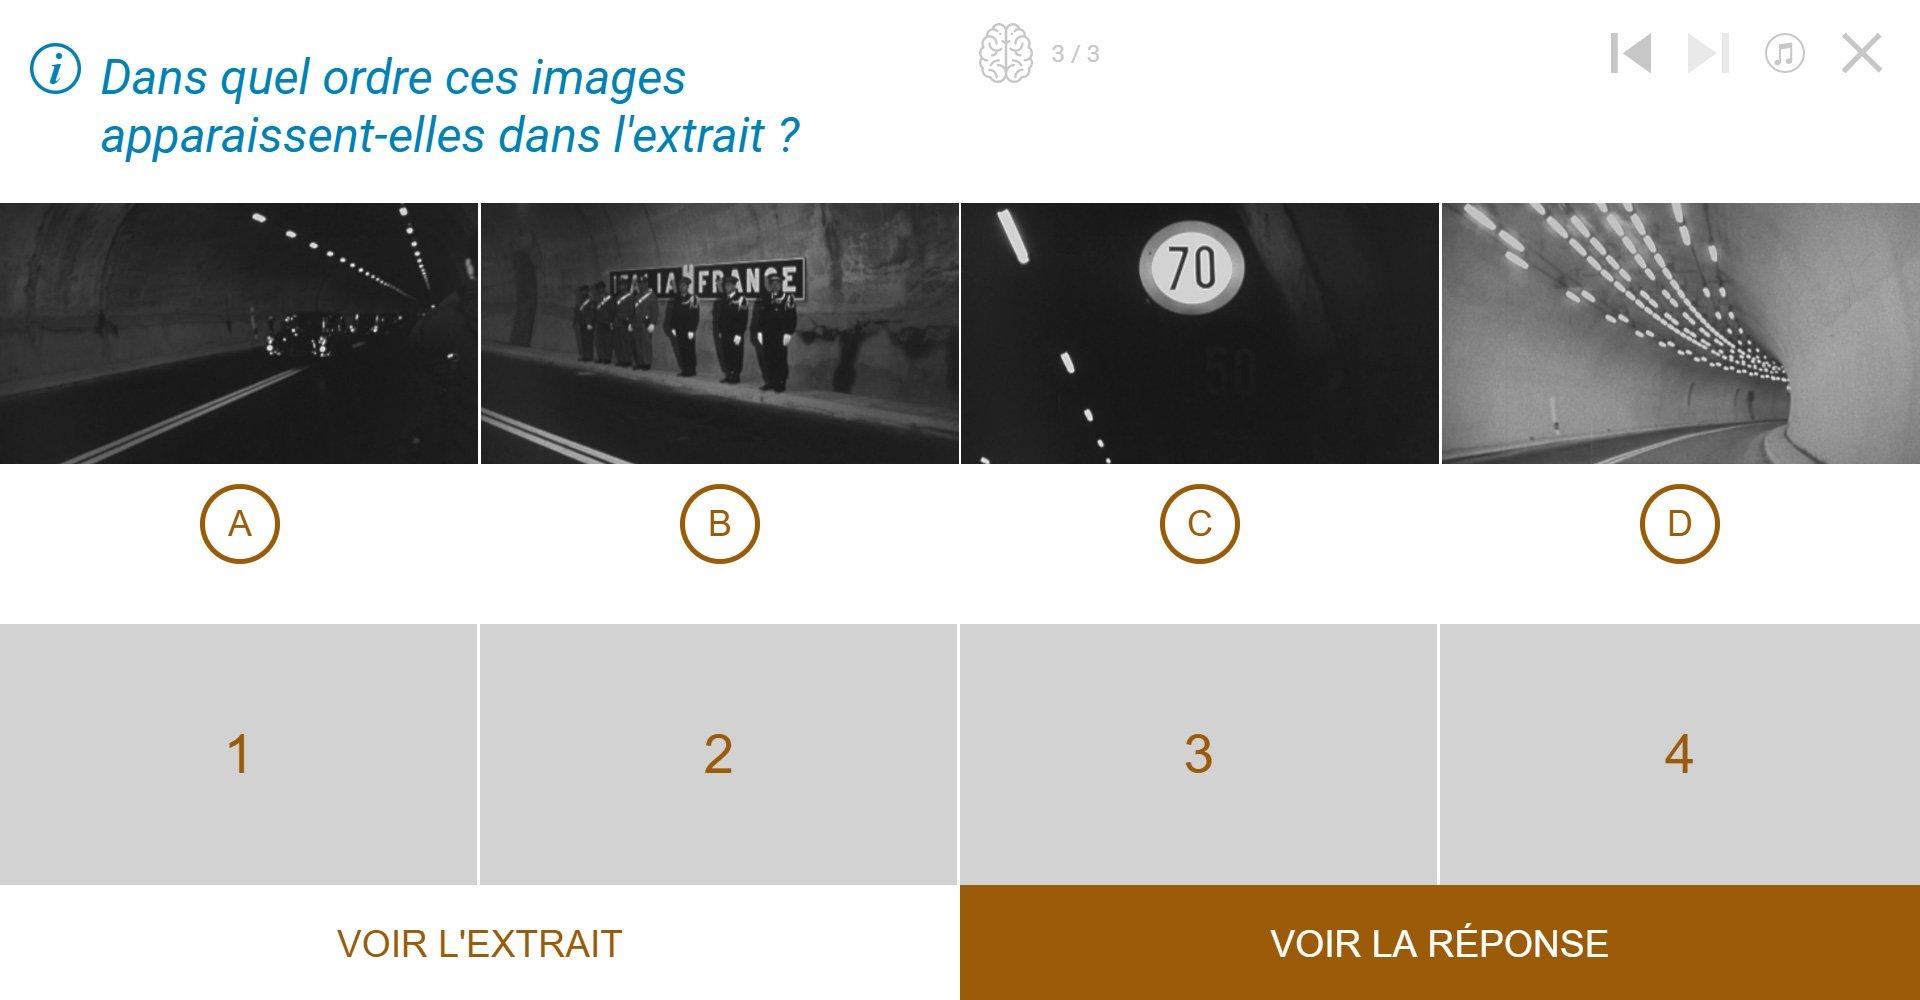 TVneurones Le Grand Jeu : logiciel qui utilise les archives vidéos de l'INA pour la stimuler les capacités cognitives des personnes âgées - exemple activité module Mémoire avec le Tunnel - remettre dans l'ordre